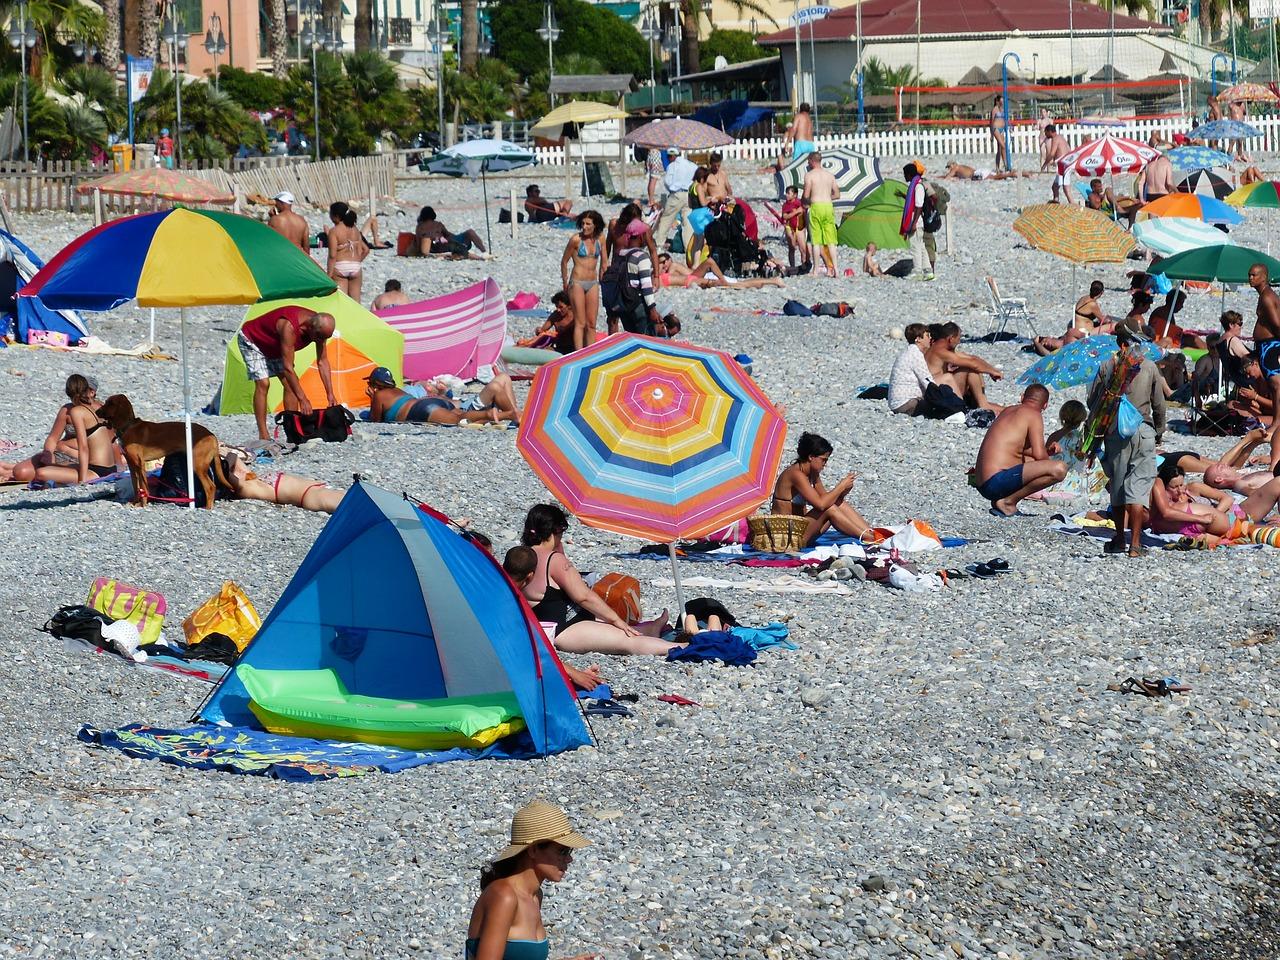 Жителей Челябинской области предупредили об опасностях пляжного отдыха